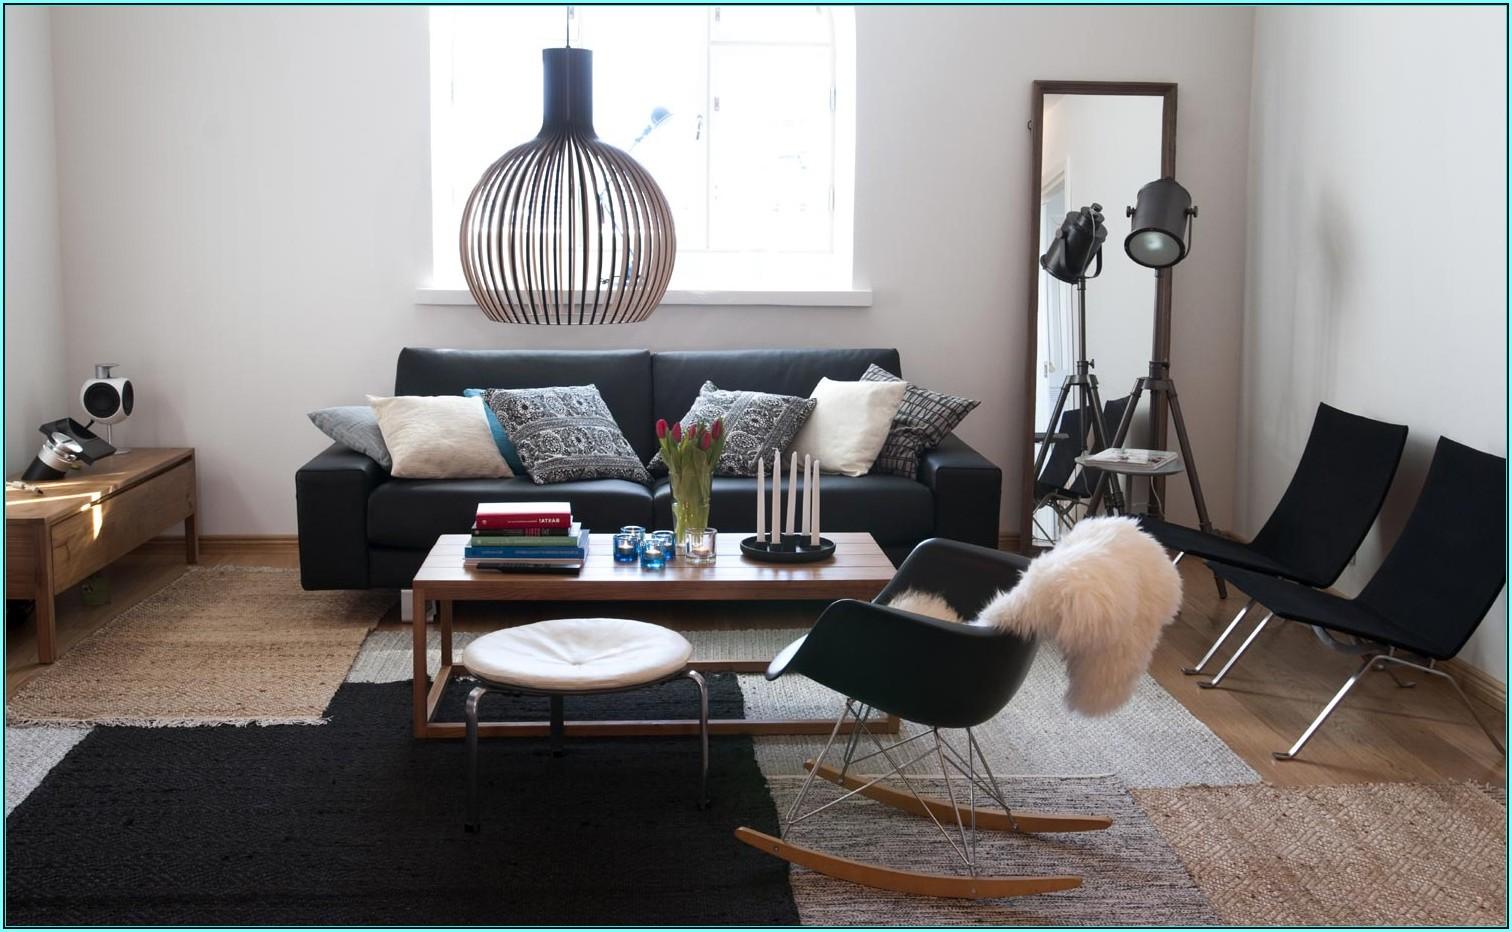 Wanddeko Ideen Für Wohnzimmer